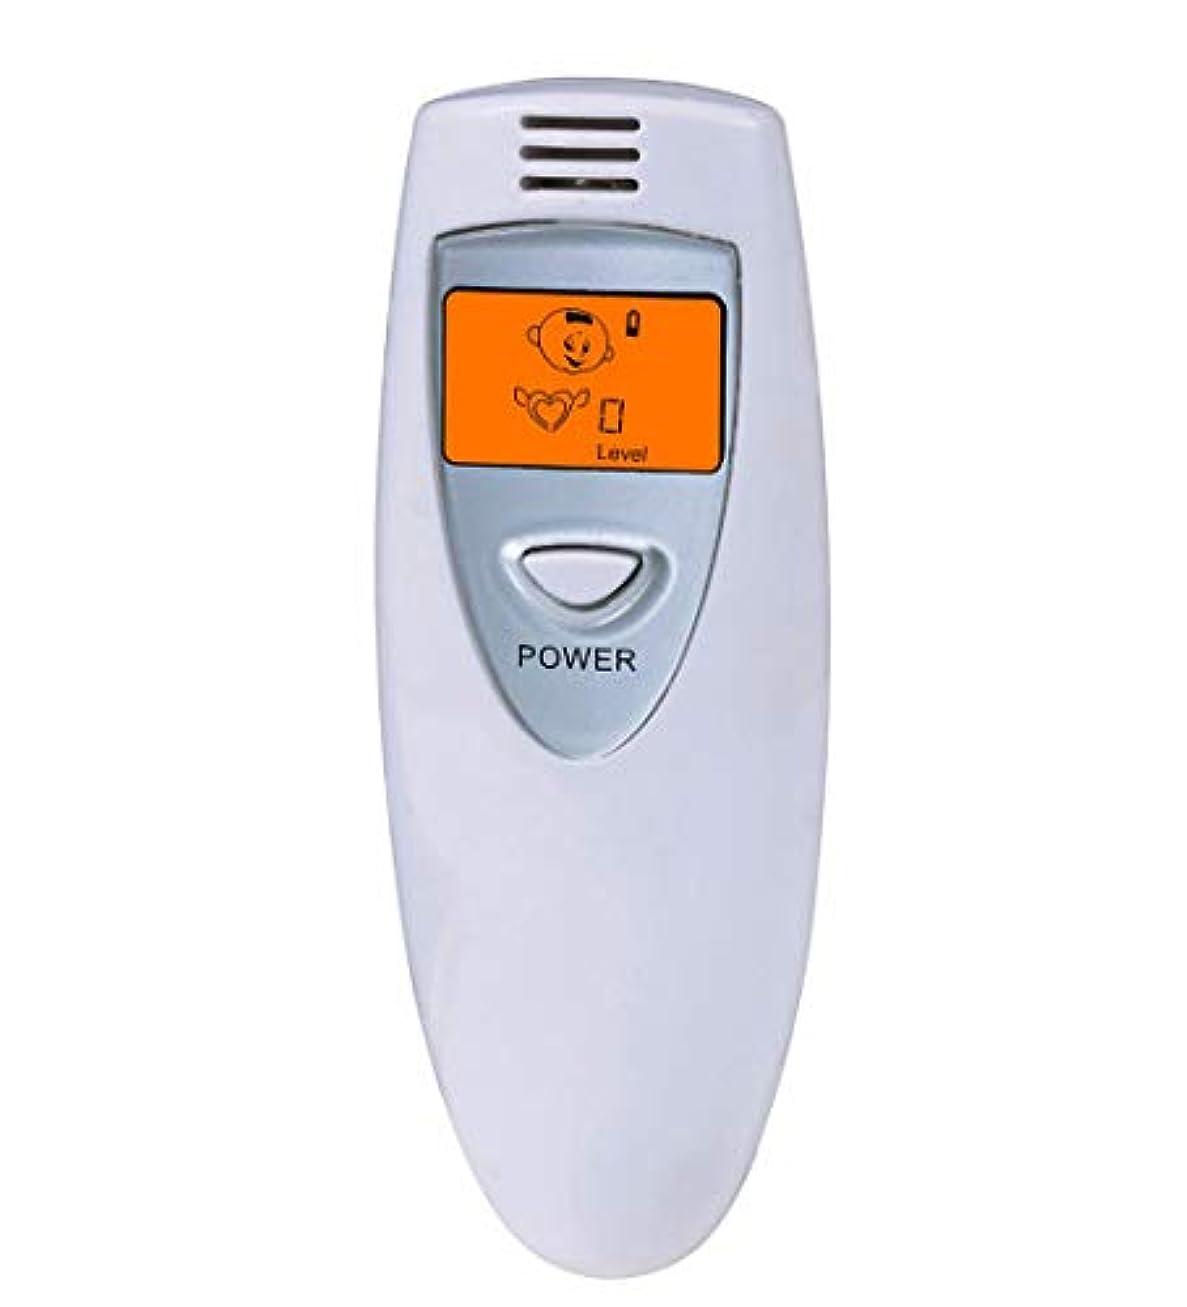 休眠乏しい不潔【瞬時測定】 携帯ブレスチェッカー デジタル口臭チェッカー 5段階レベル表示 コンパークト口臭予防検査器 大人子供エチケット (Grey)